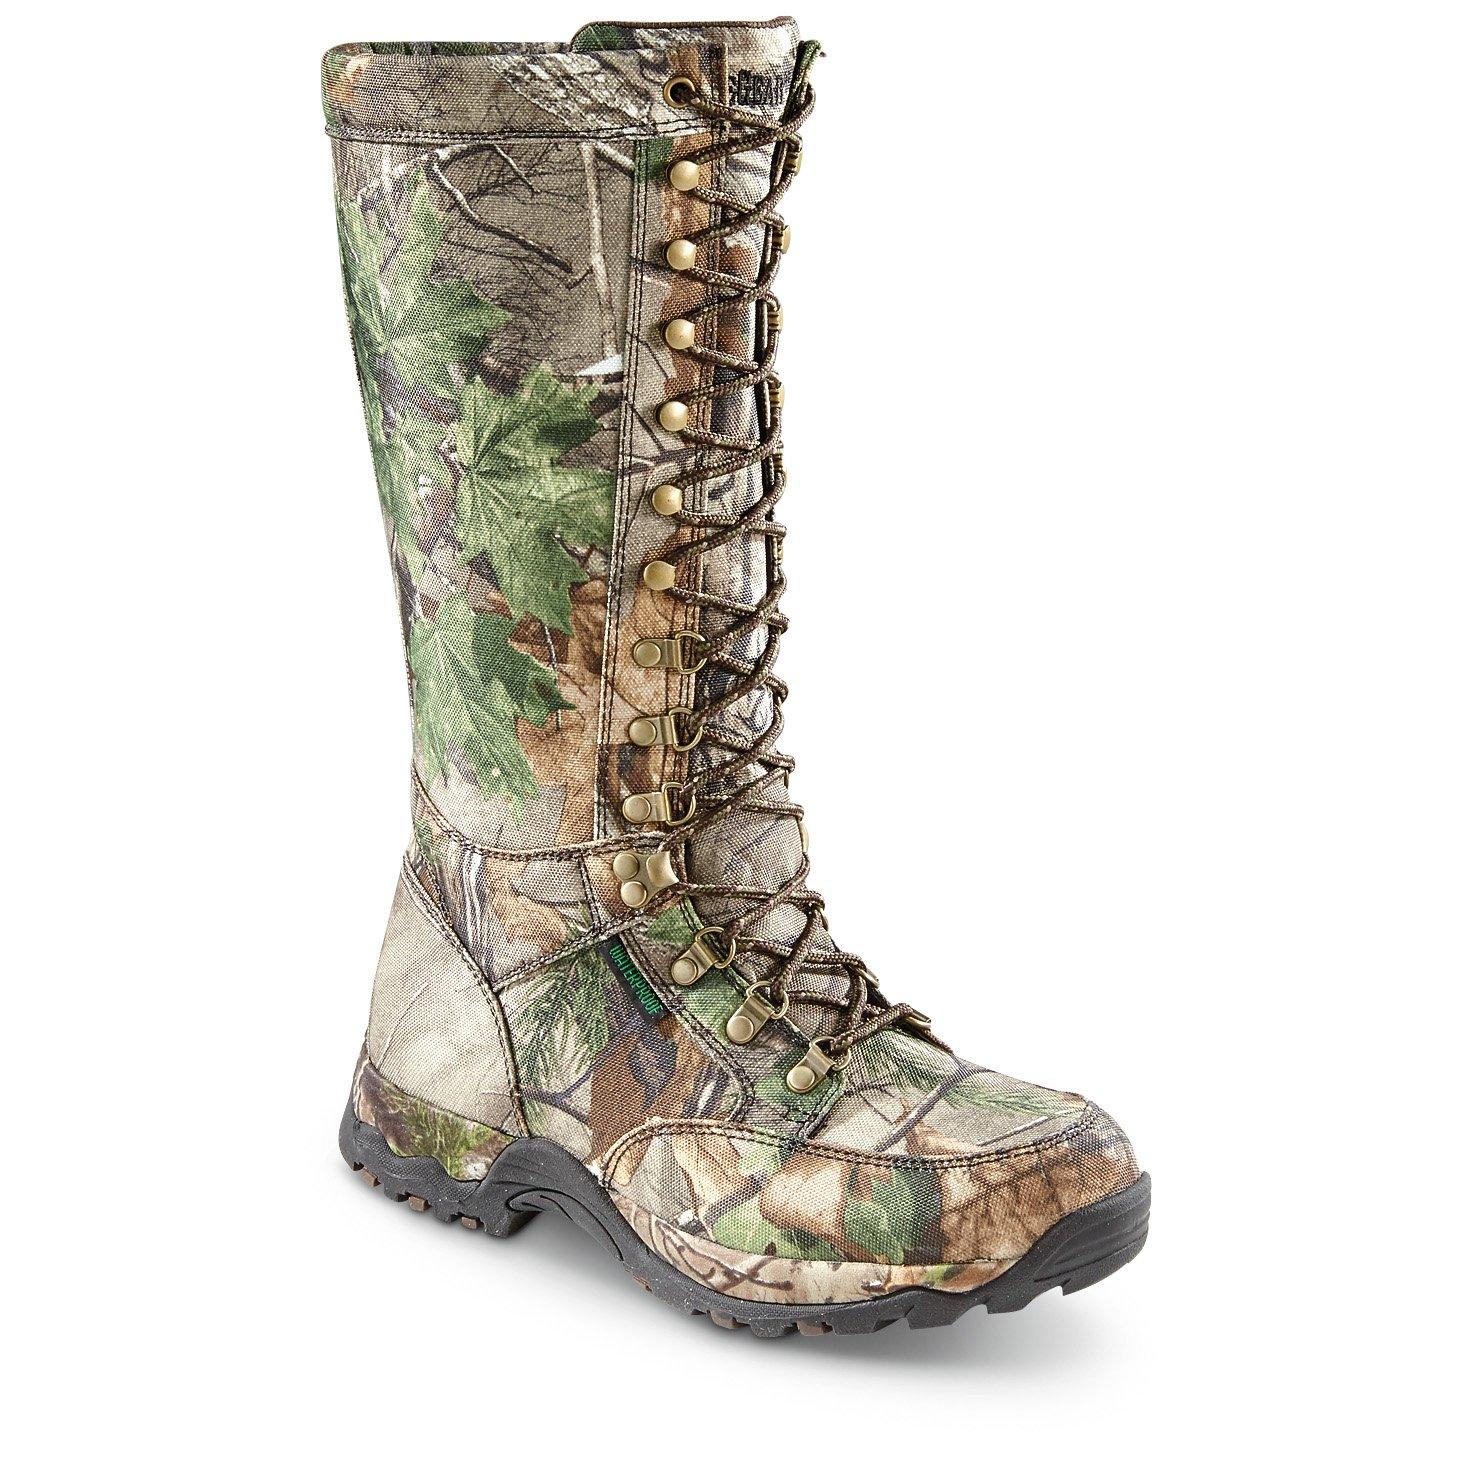 Guide Gear Mens Nylon Snake Boots, Waterproof, Side Zip by Guide Gear